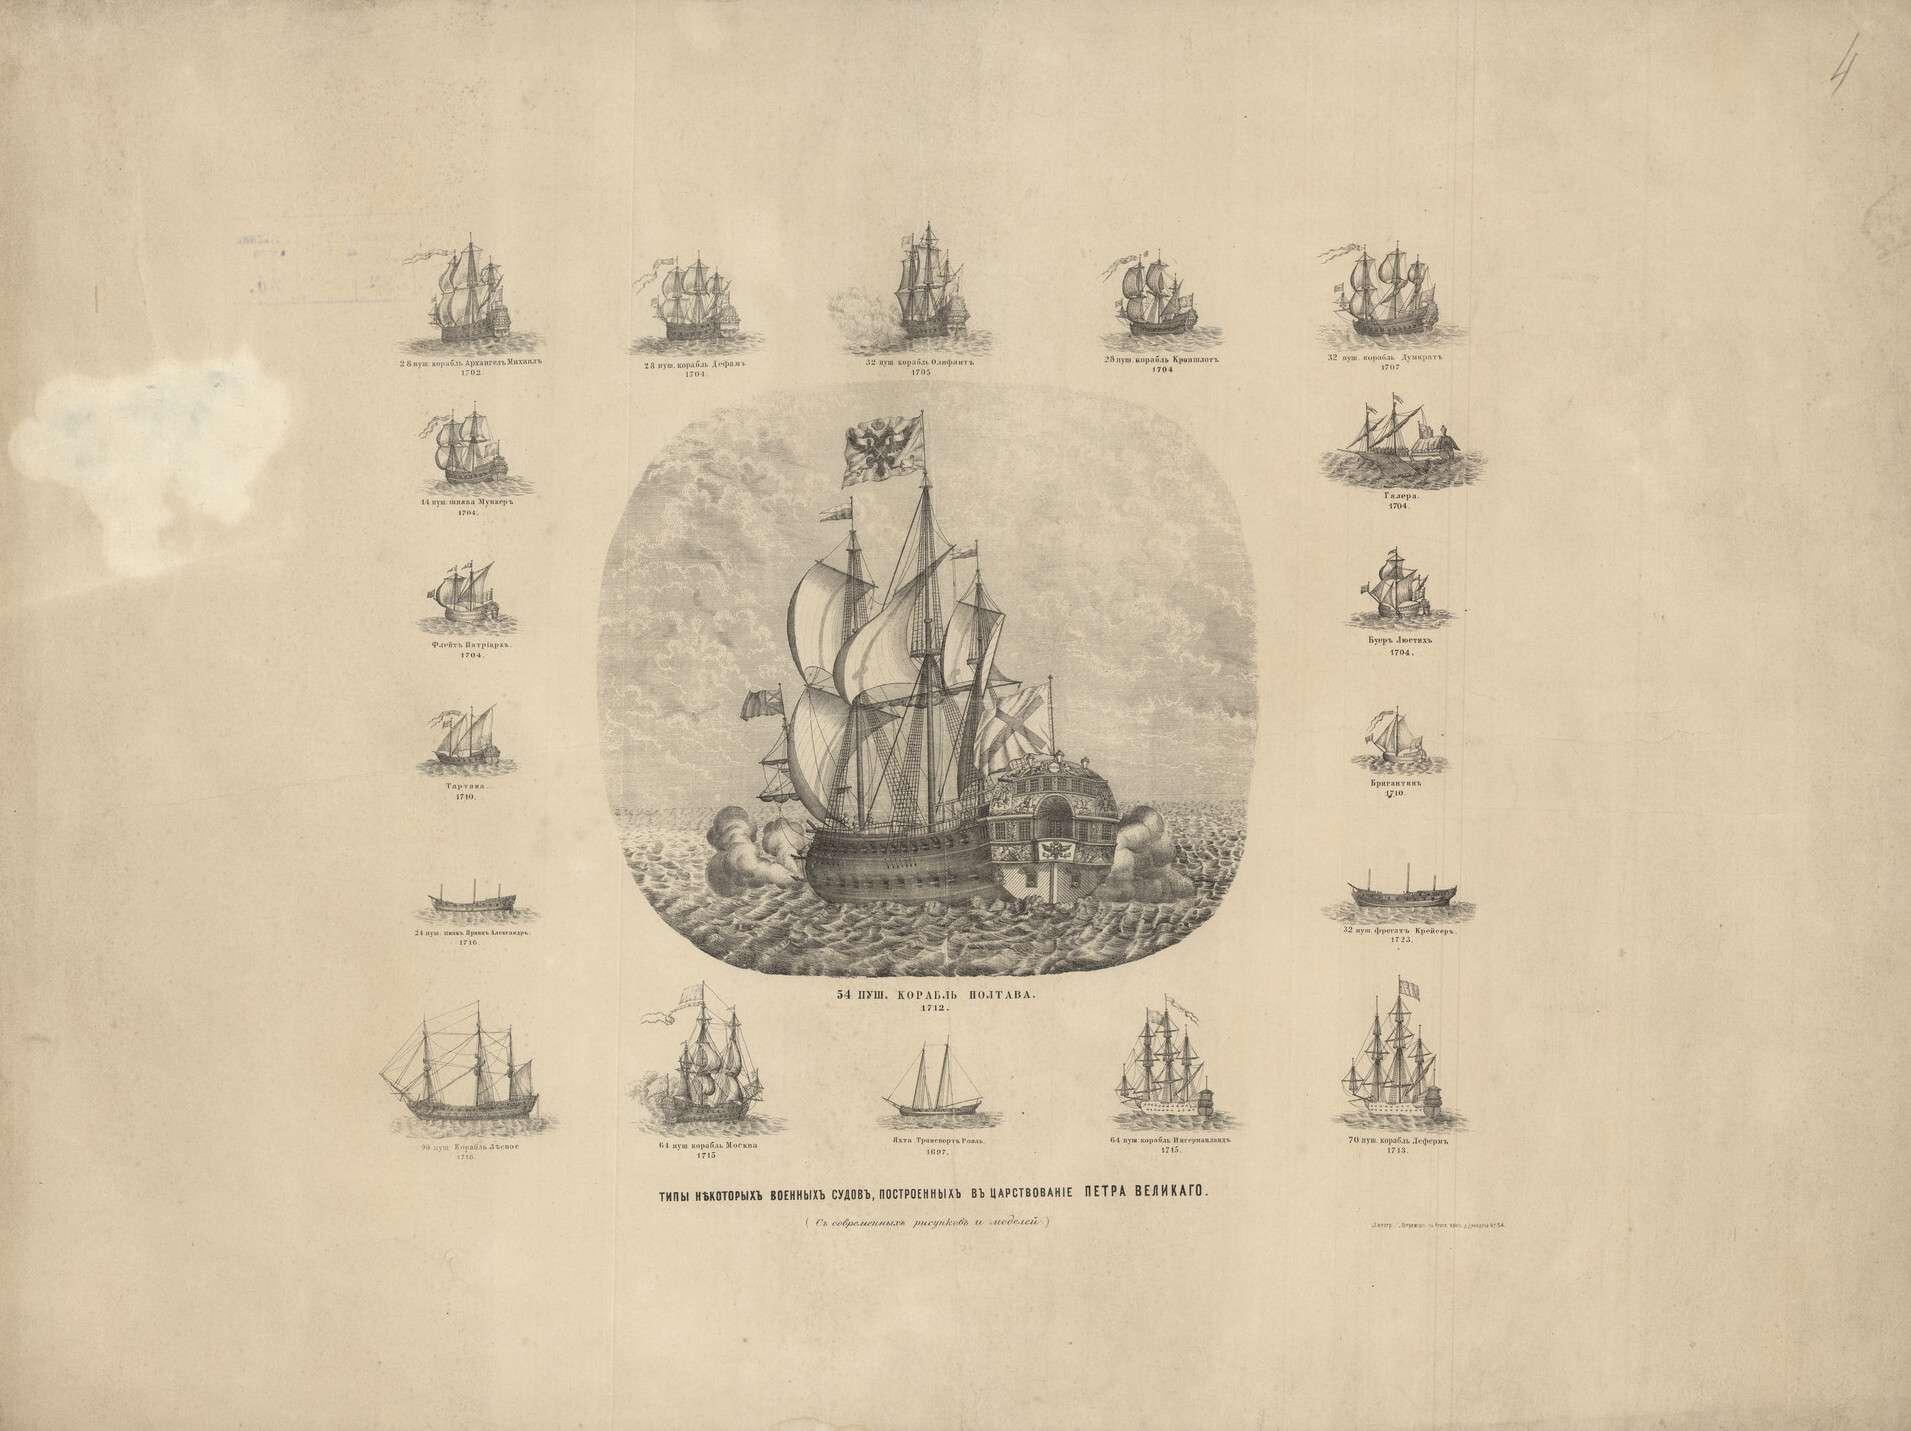 Типы военных судов, построенных в царствование Петра Великого